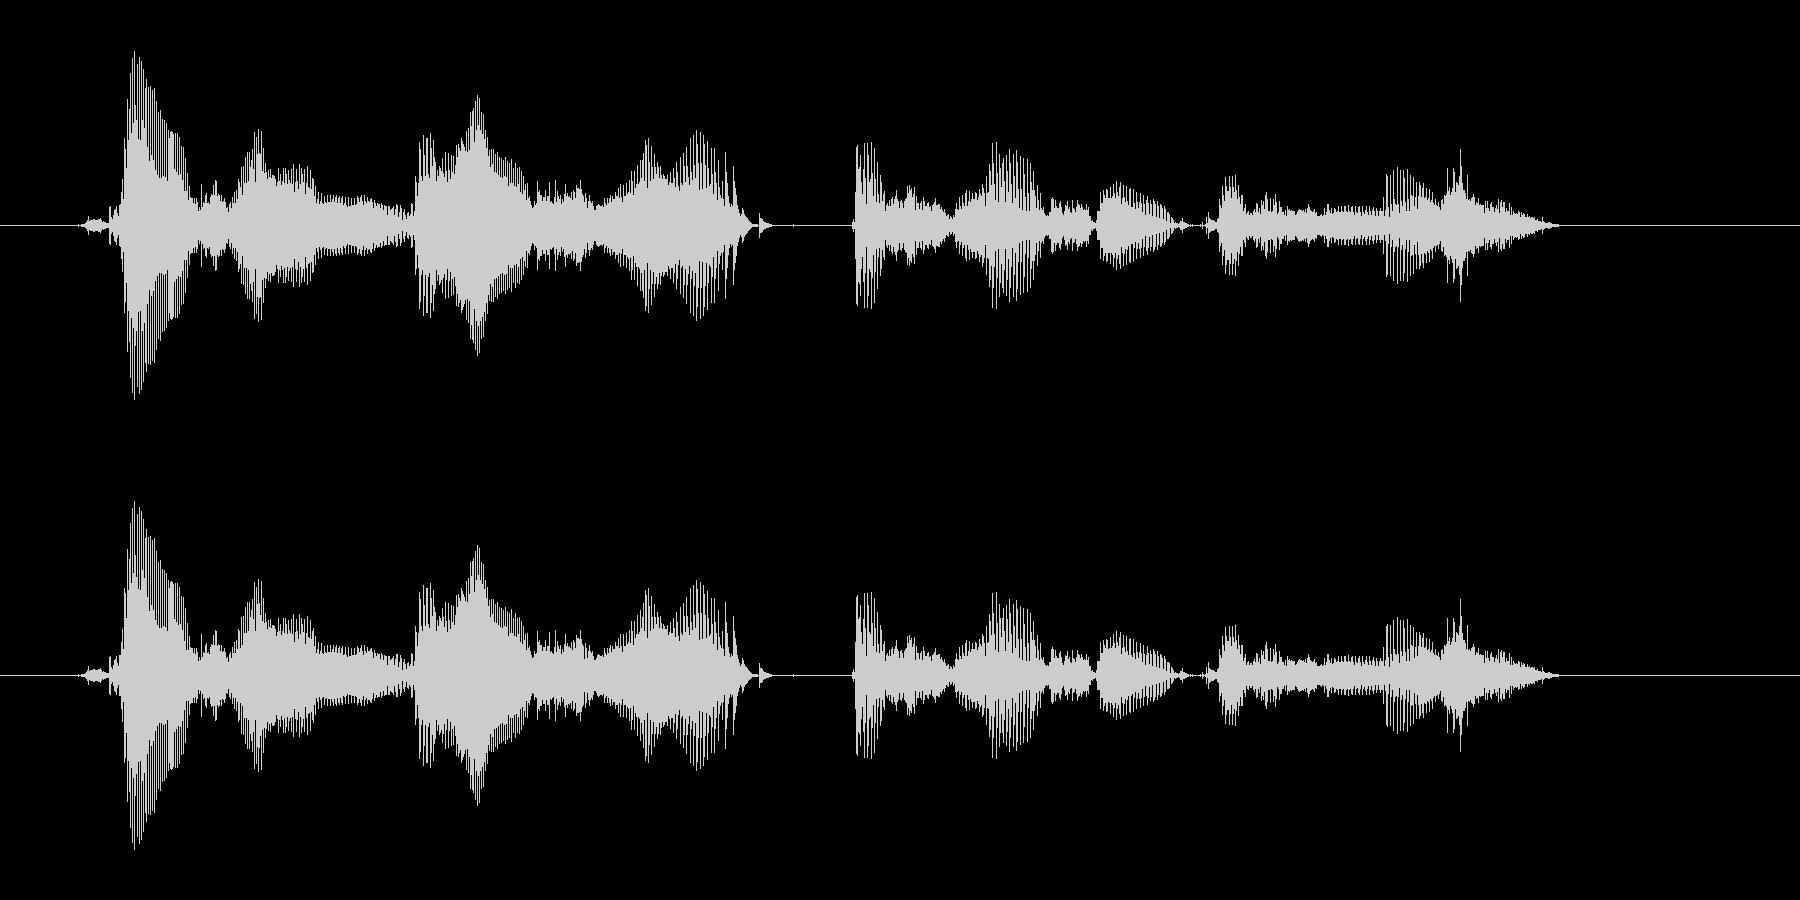 【時報・時間】午前0時を、お知らせいた…の未再生の波形